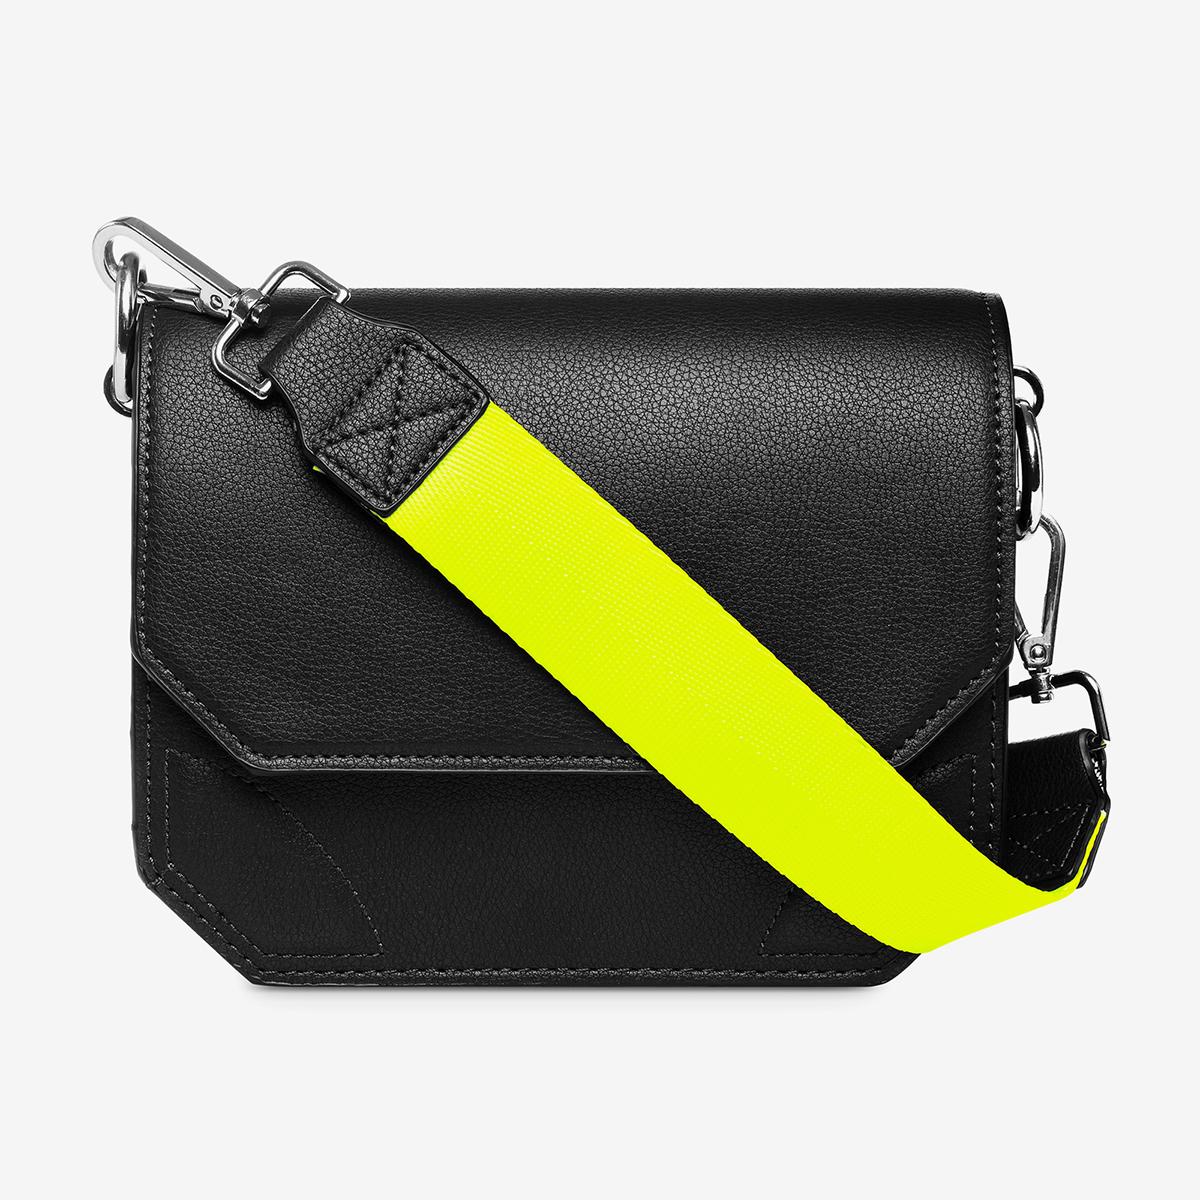 Shoulder bag product photo